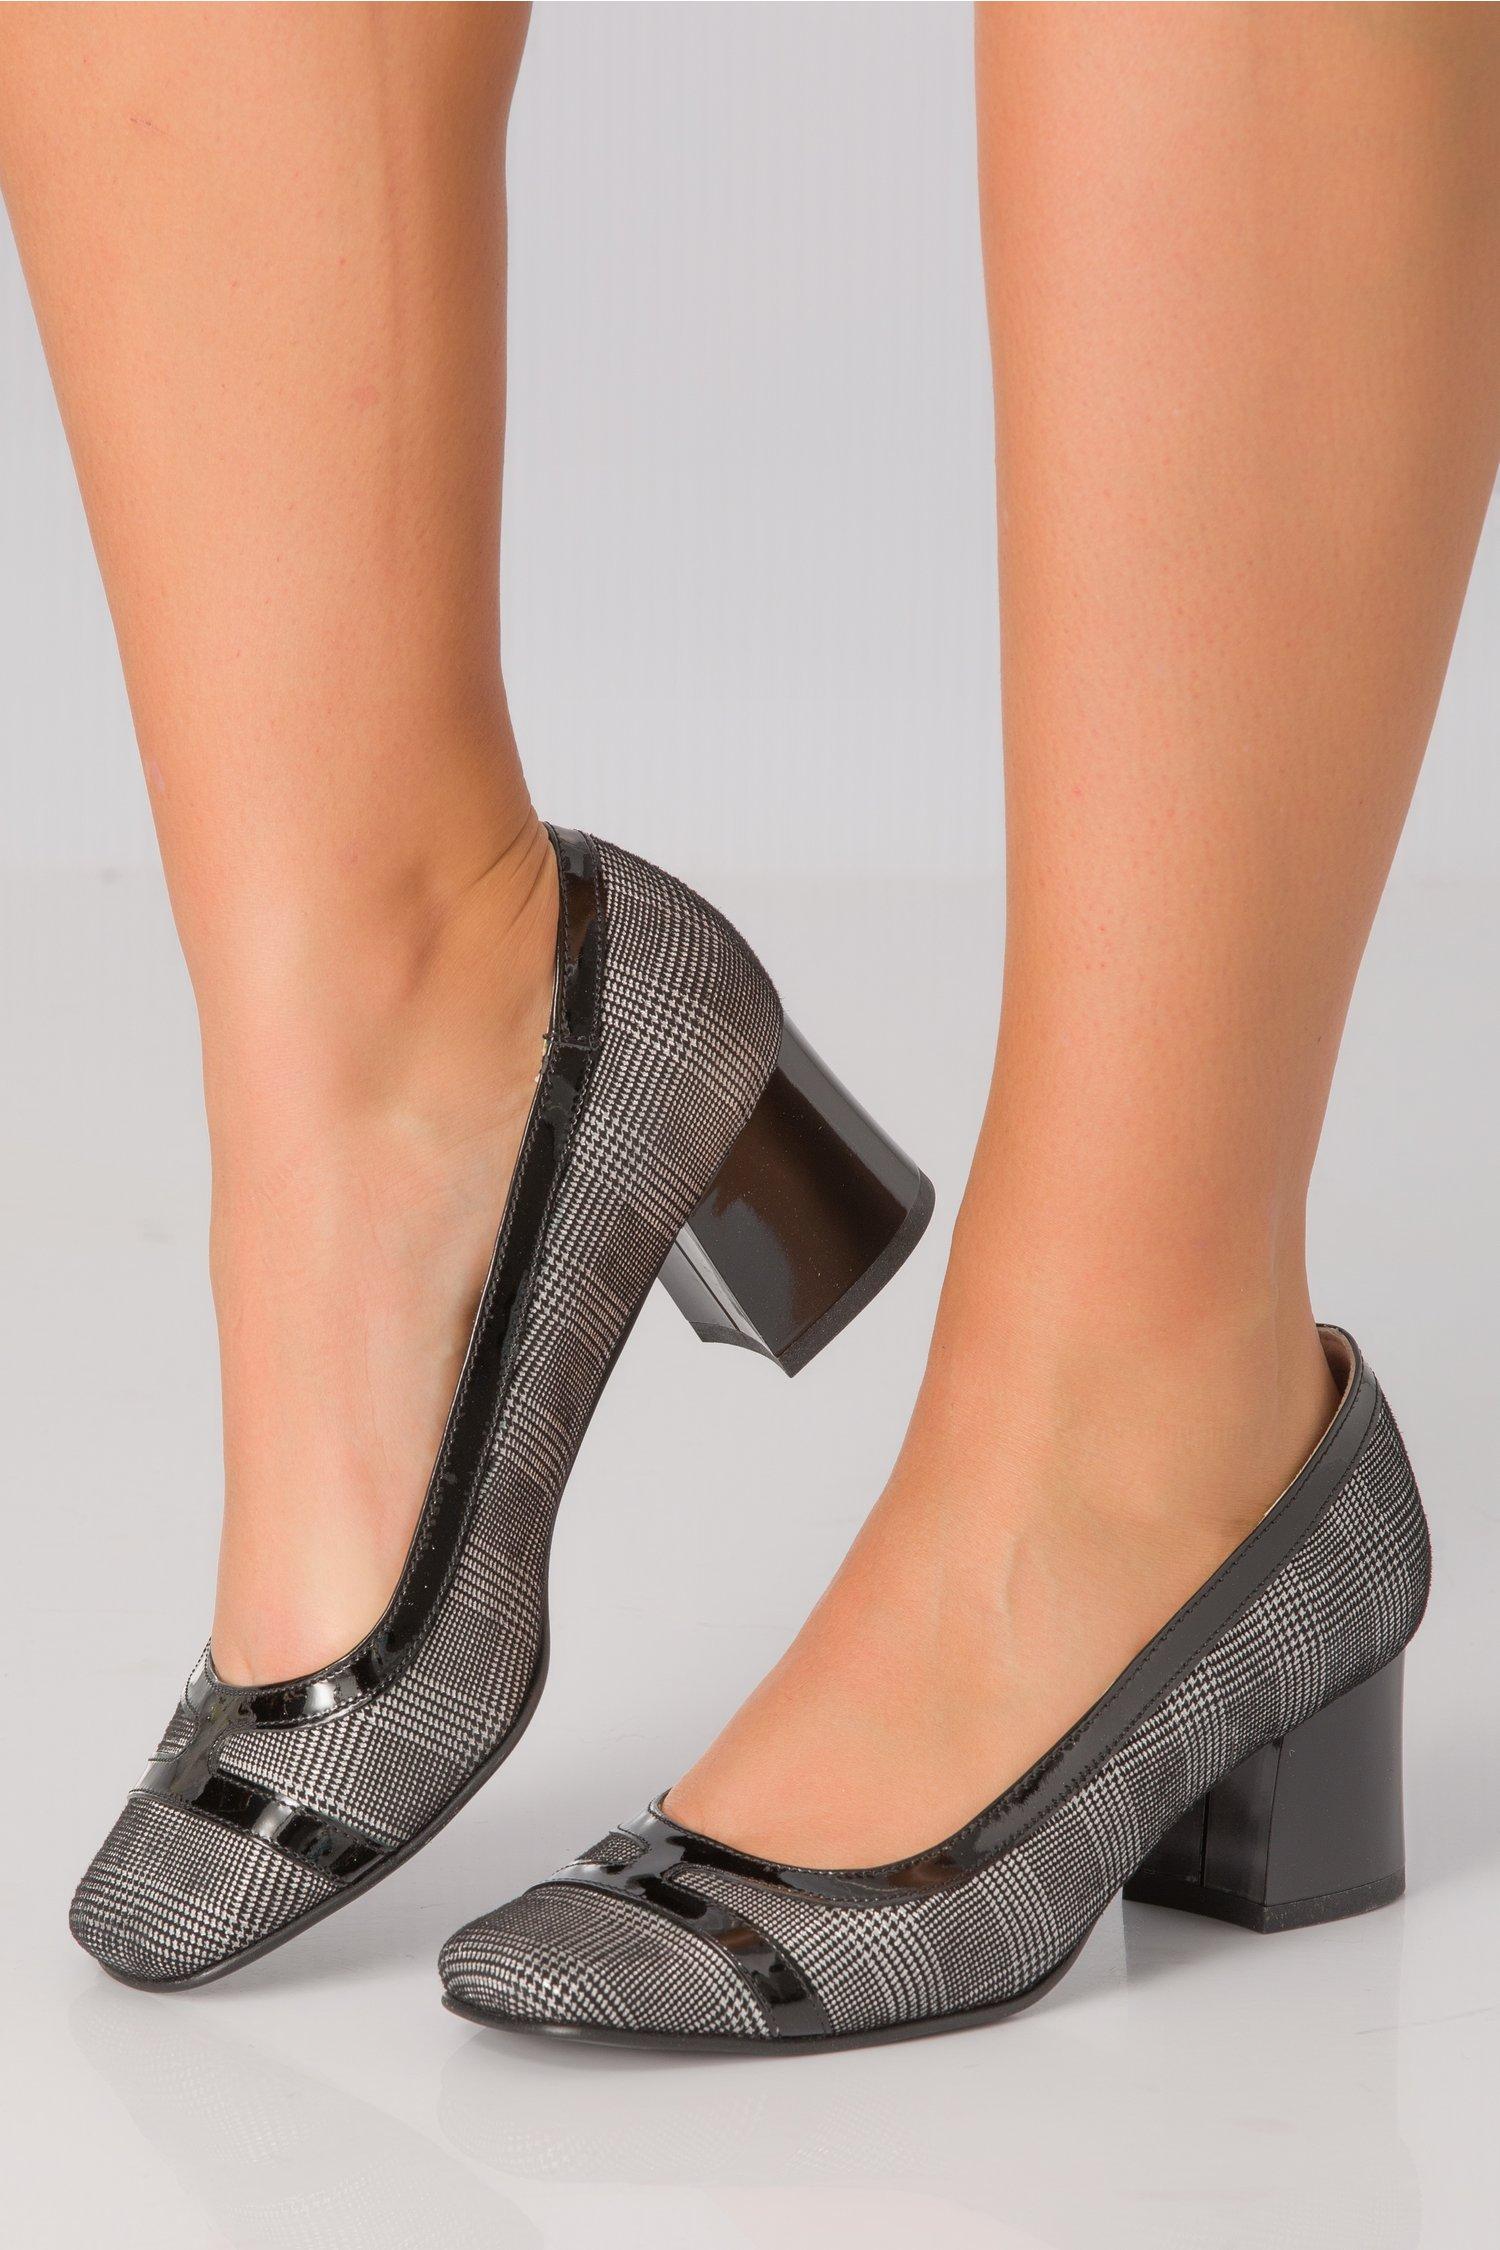 Pantofi Xya negru cu alb si toc jos